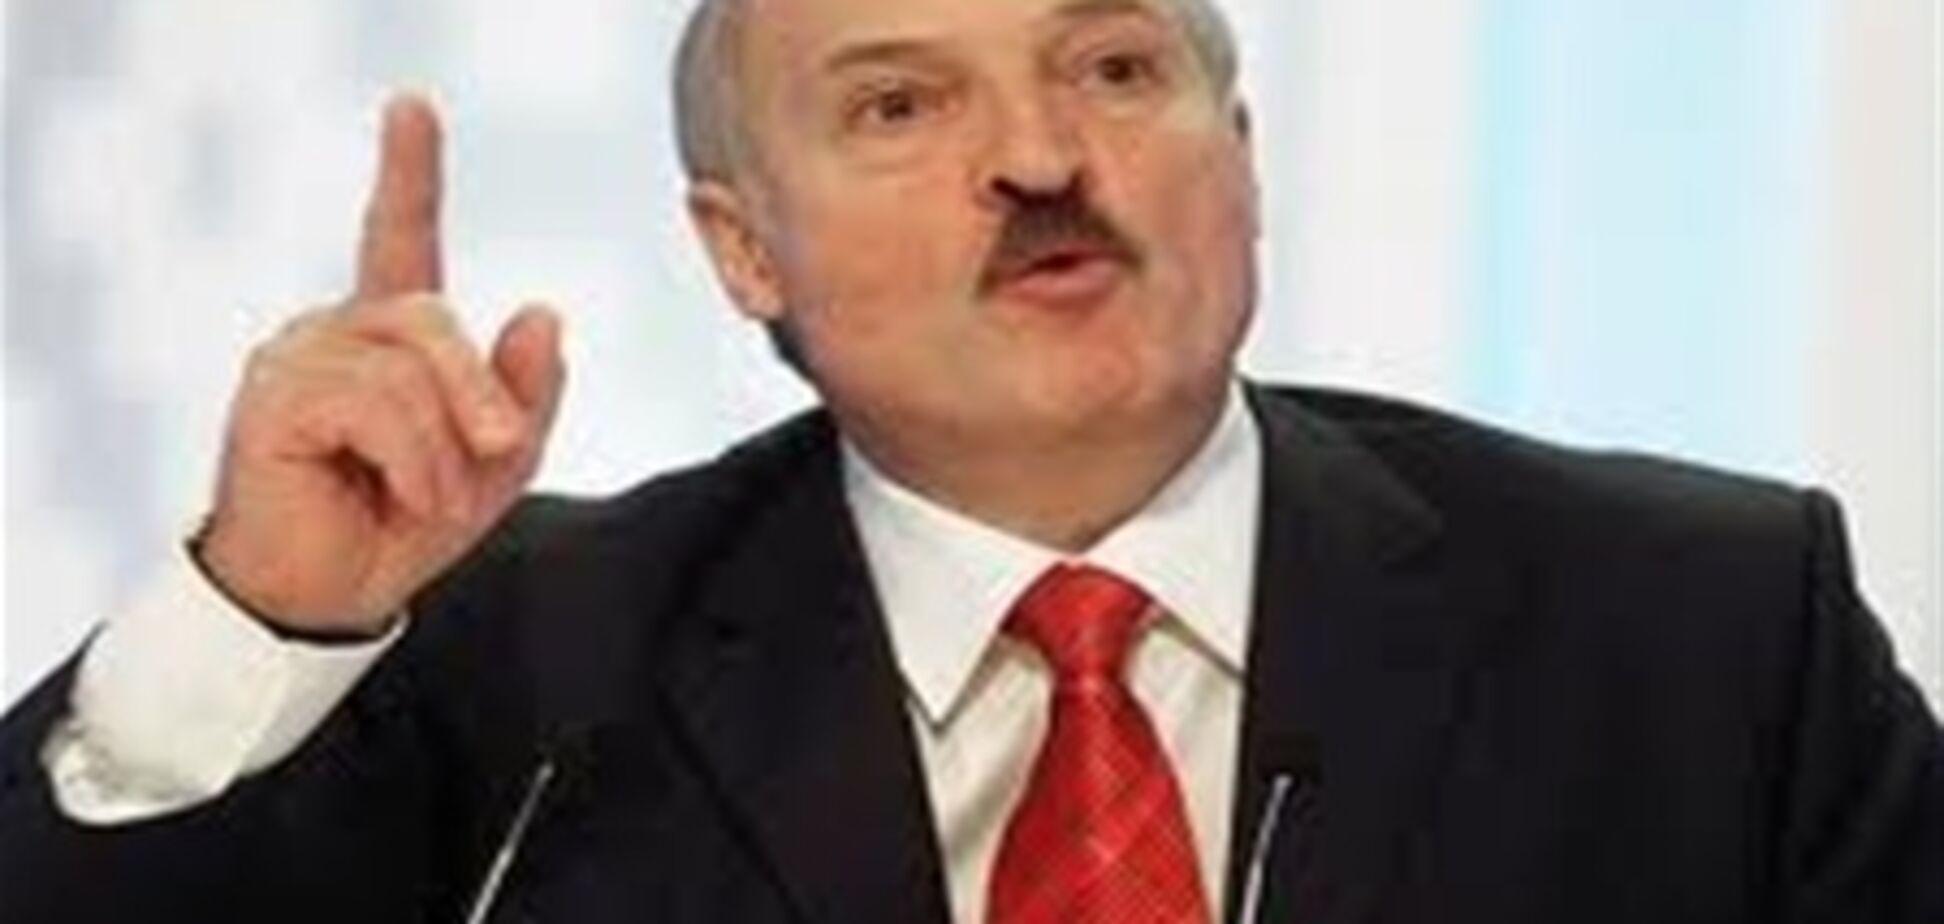 Лукашенко, наконец, объяснил, почему он так долго ругал Россию